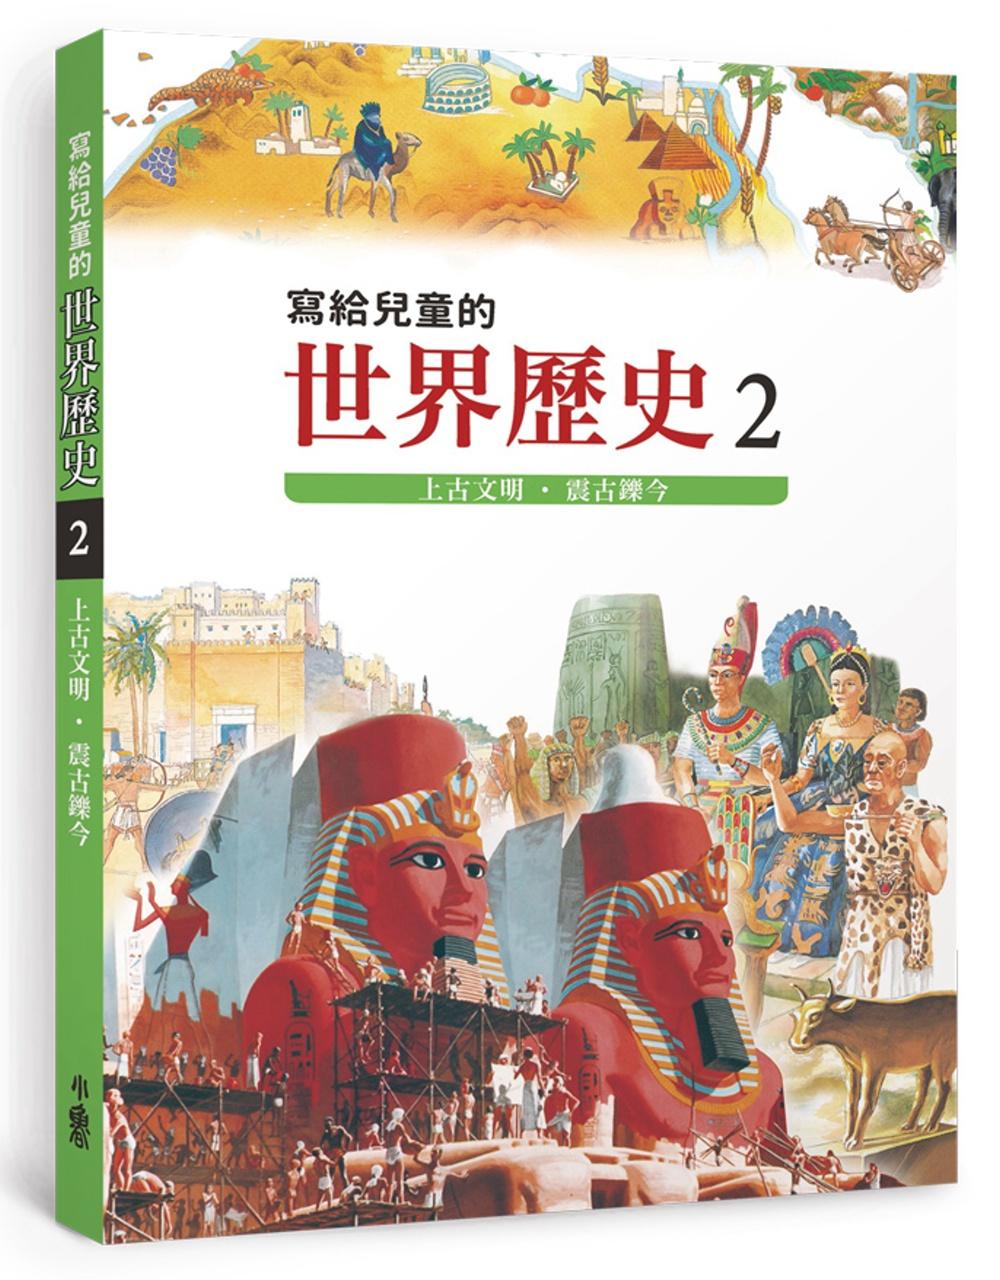 寫給兒童的世界歷史2:上古文明...